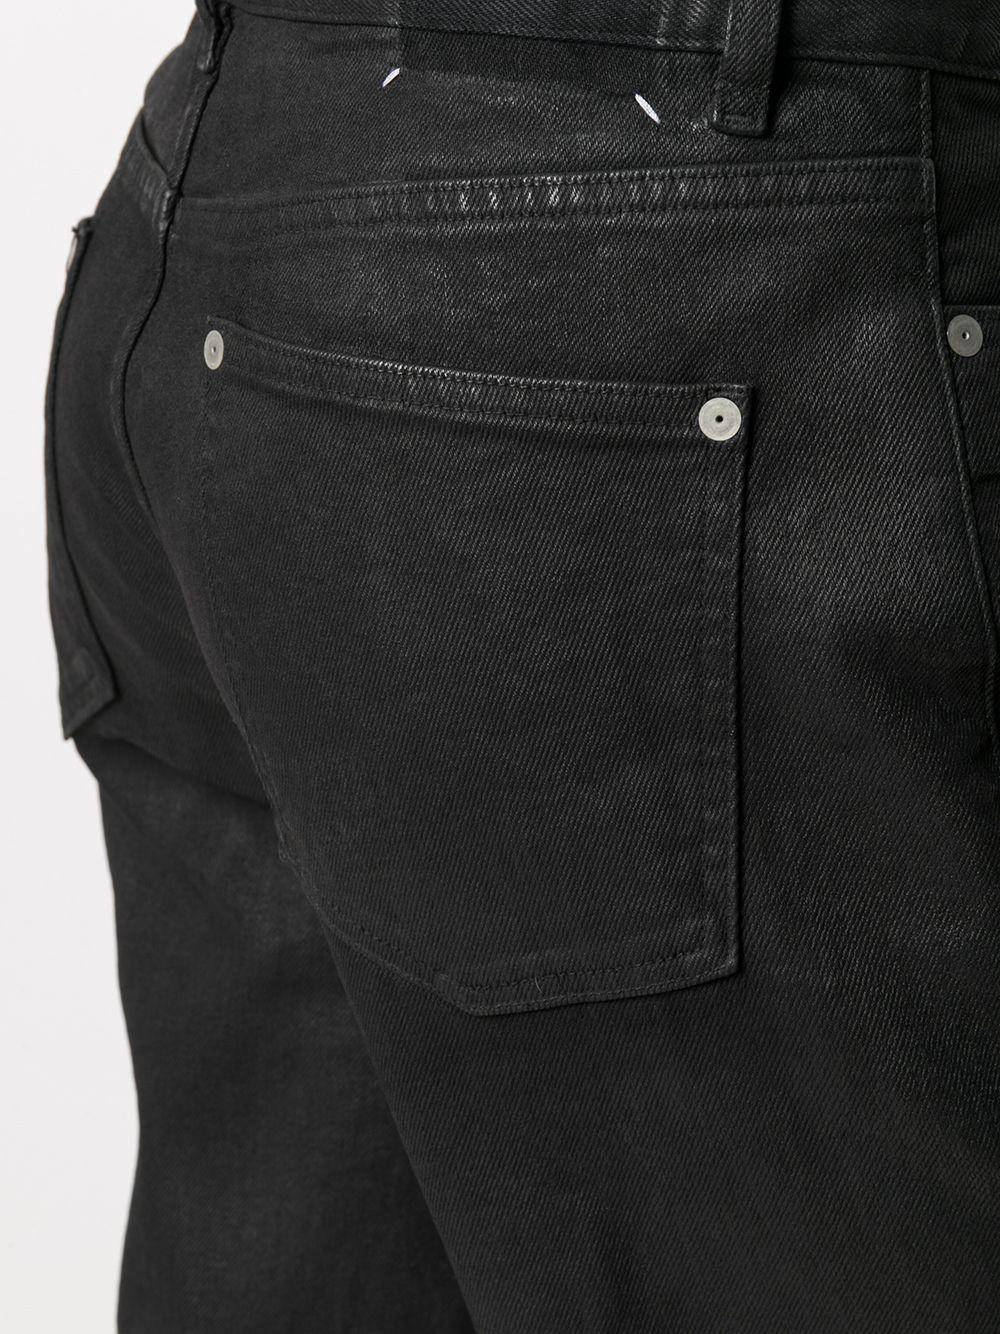 Maison Margiela | Maison Margiela прямые джинсы с контрастной строчкой | Clouty